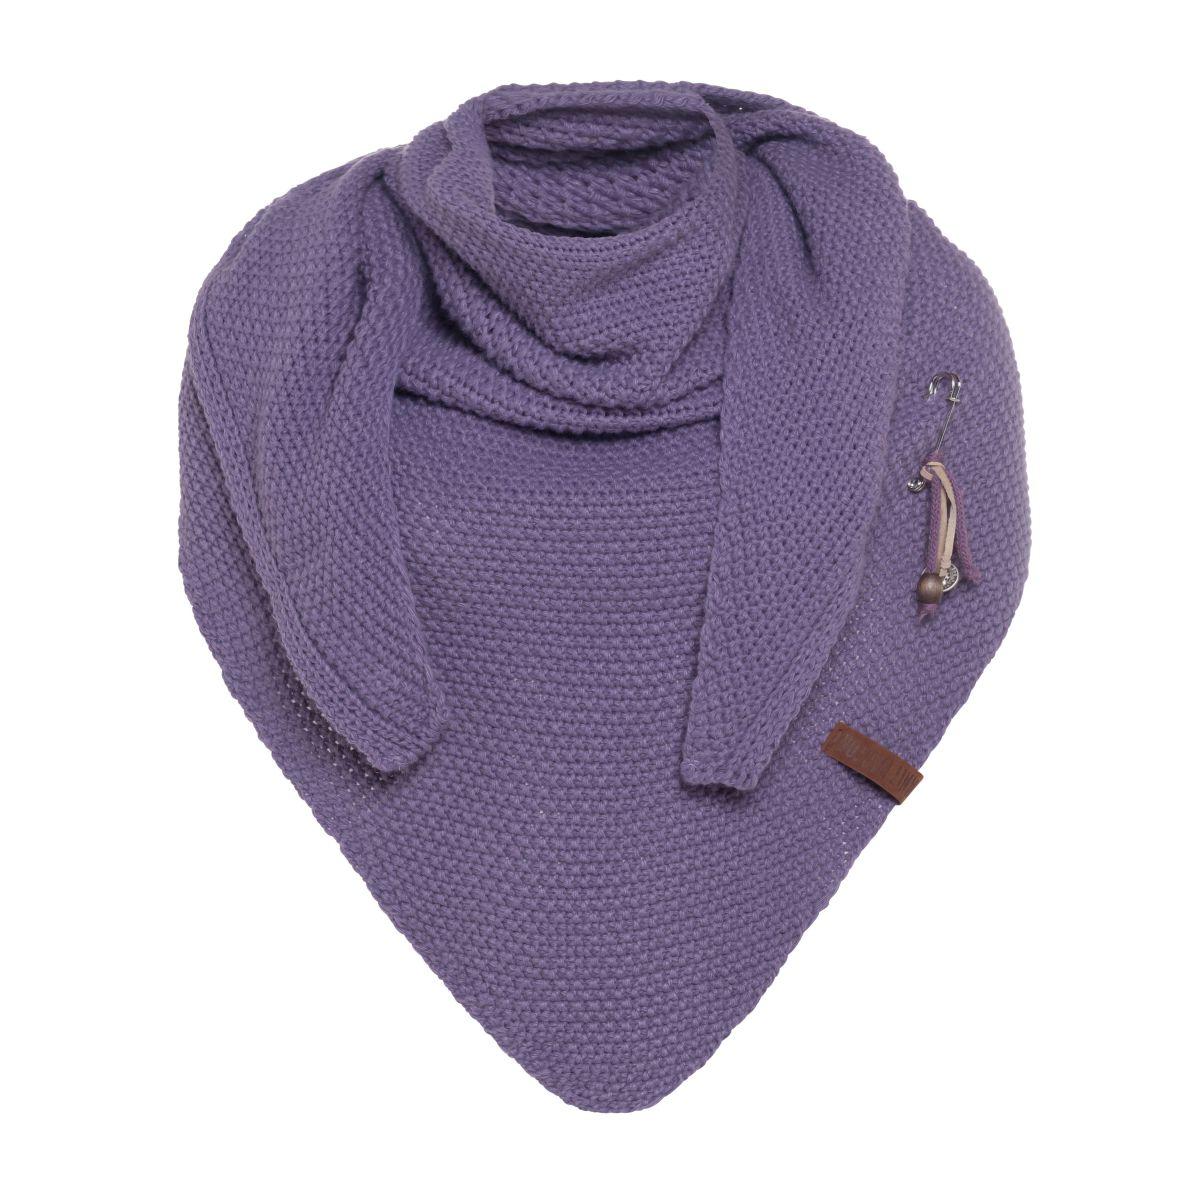 knit factory kf12006004350 coco omslagdoek violet 1